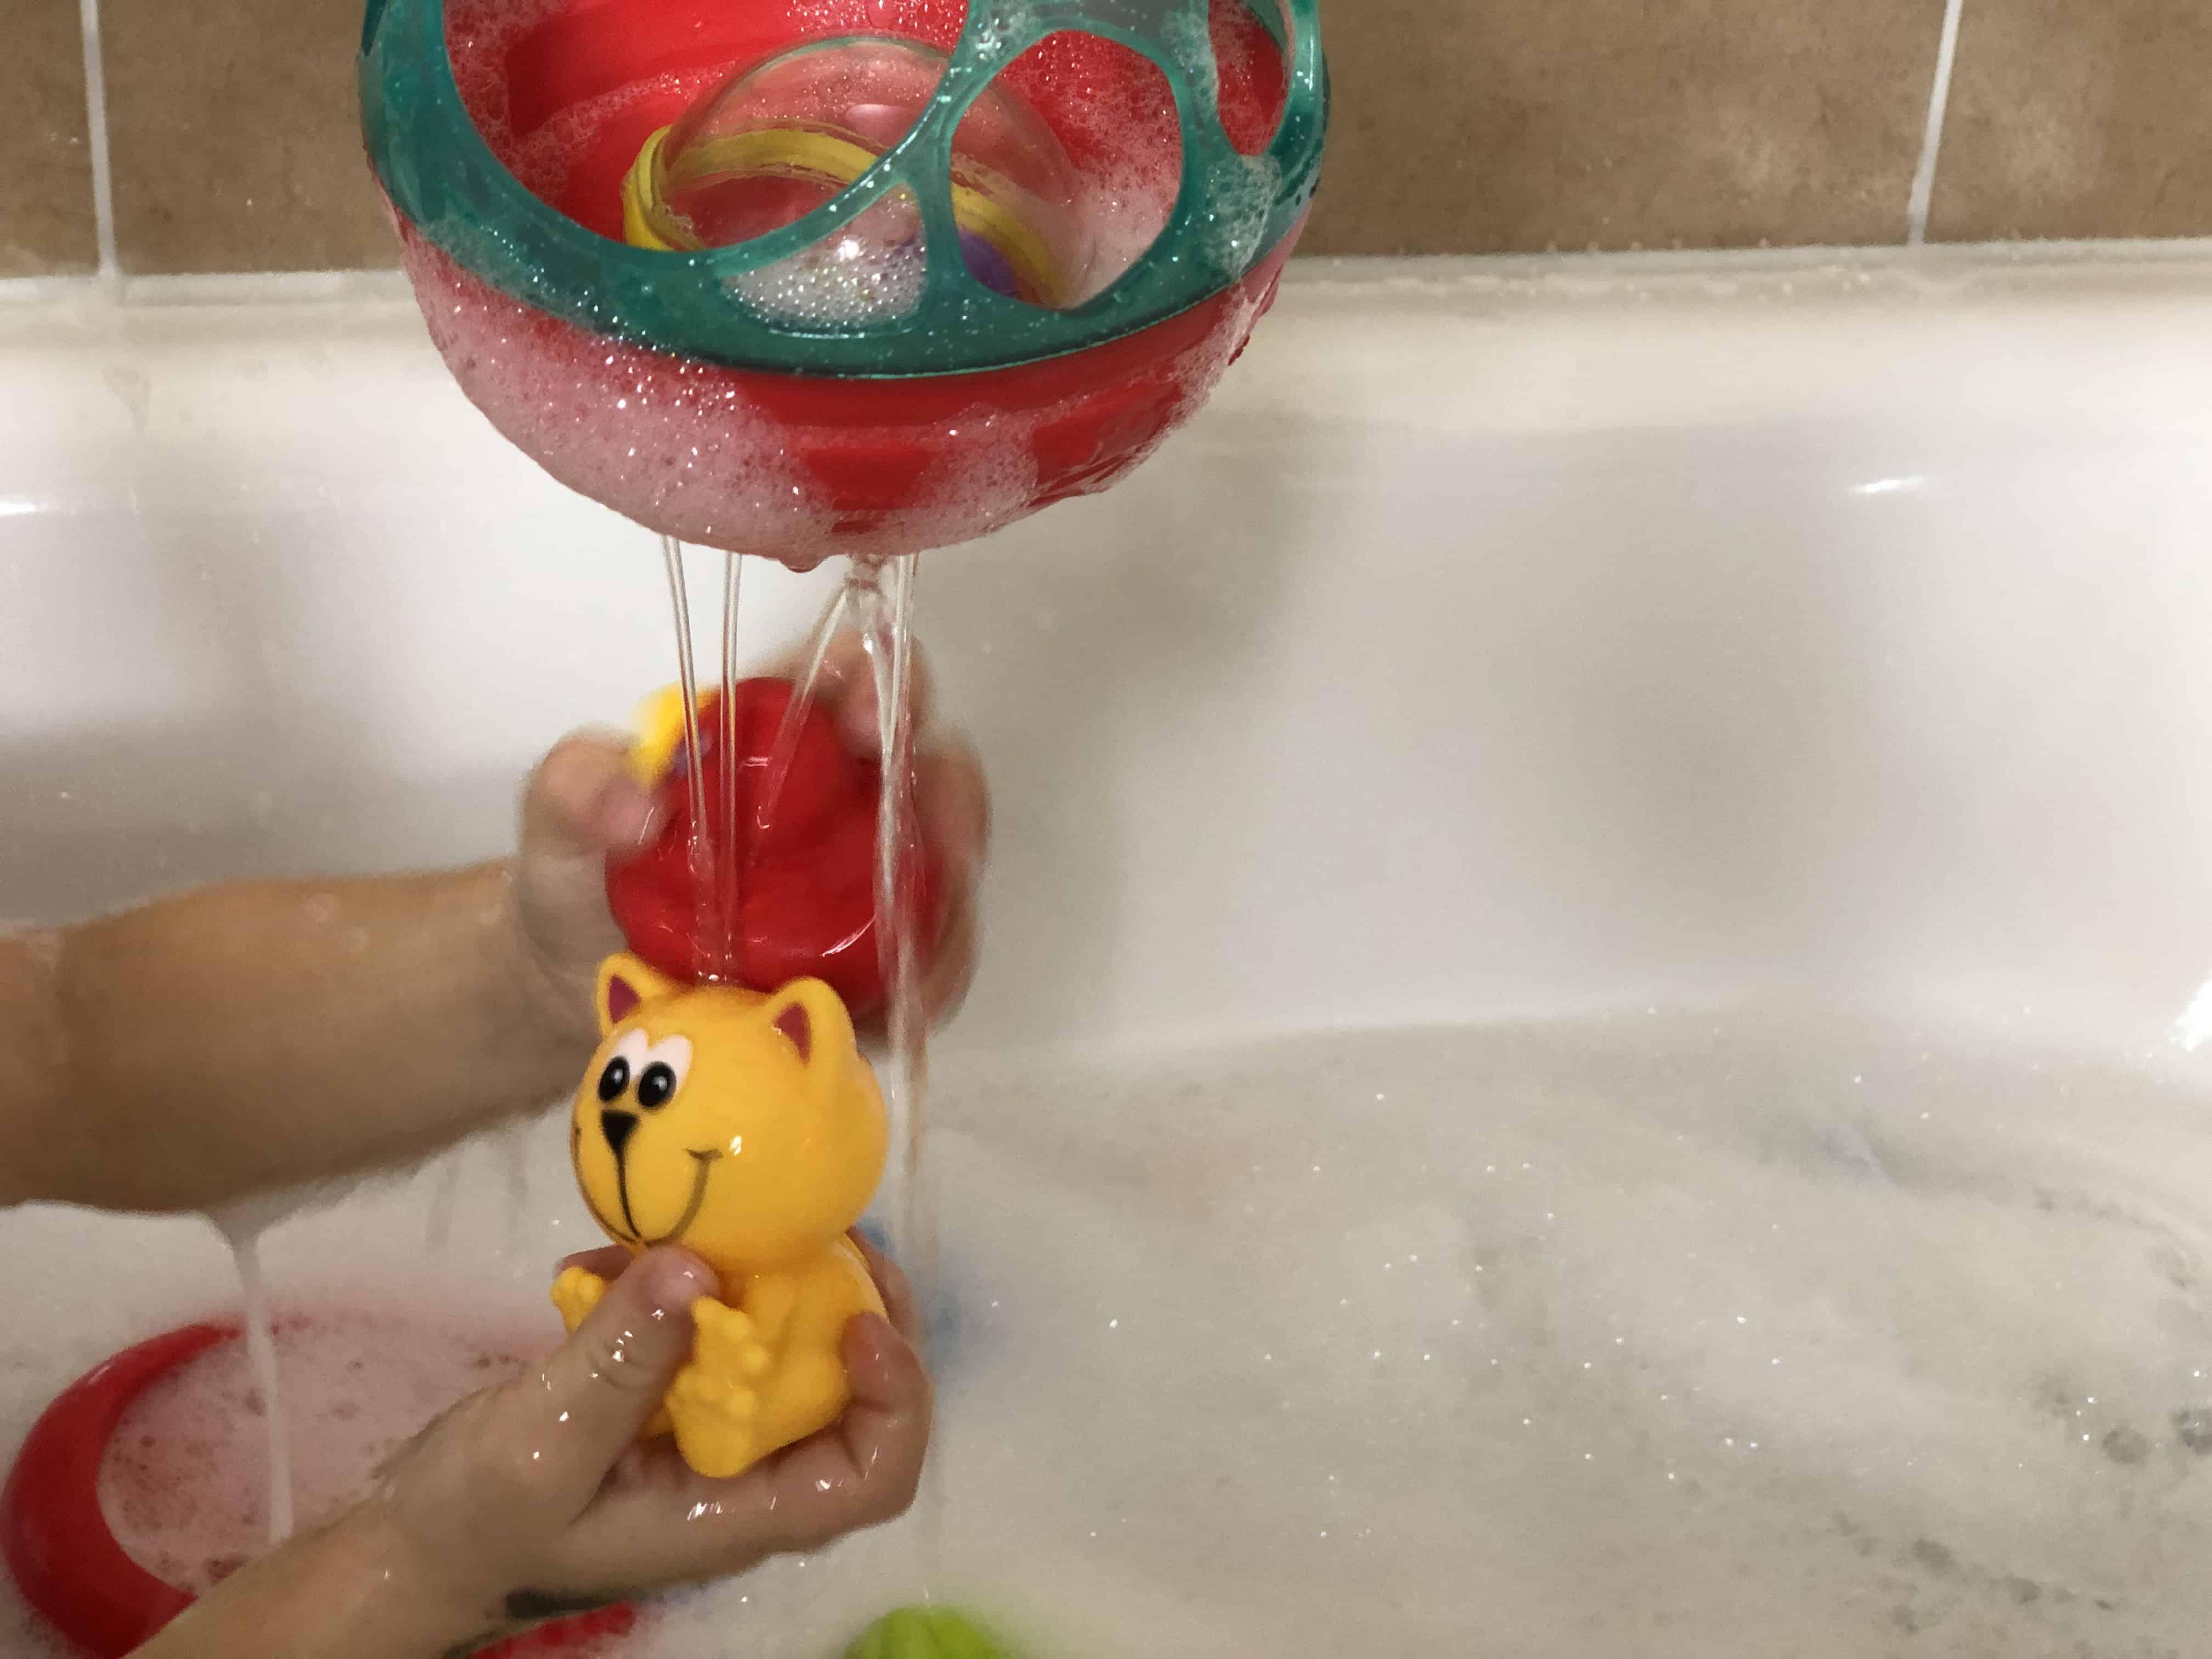 Schimmelfreies Badespielzeug für Kinder